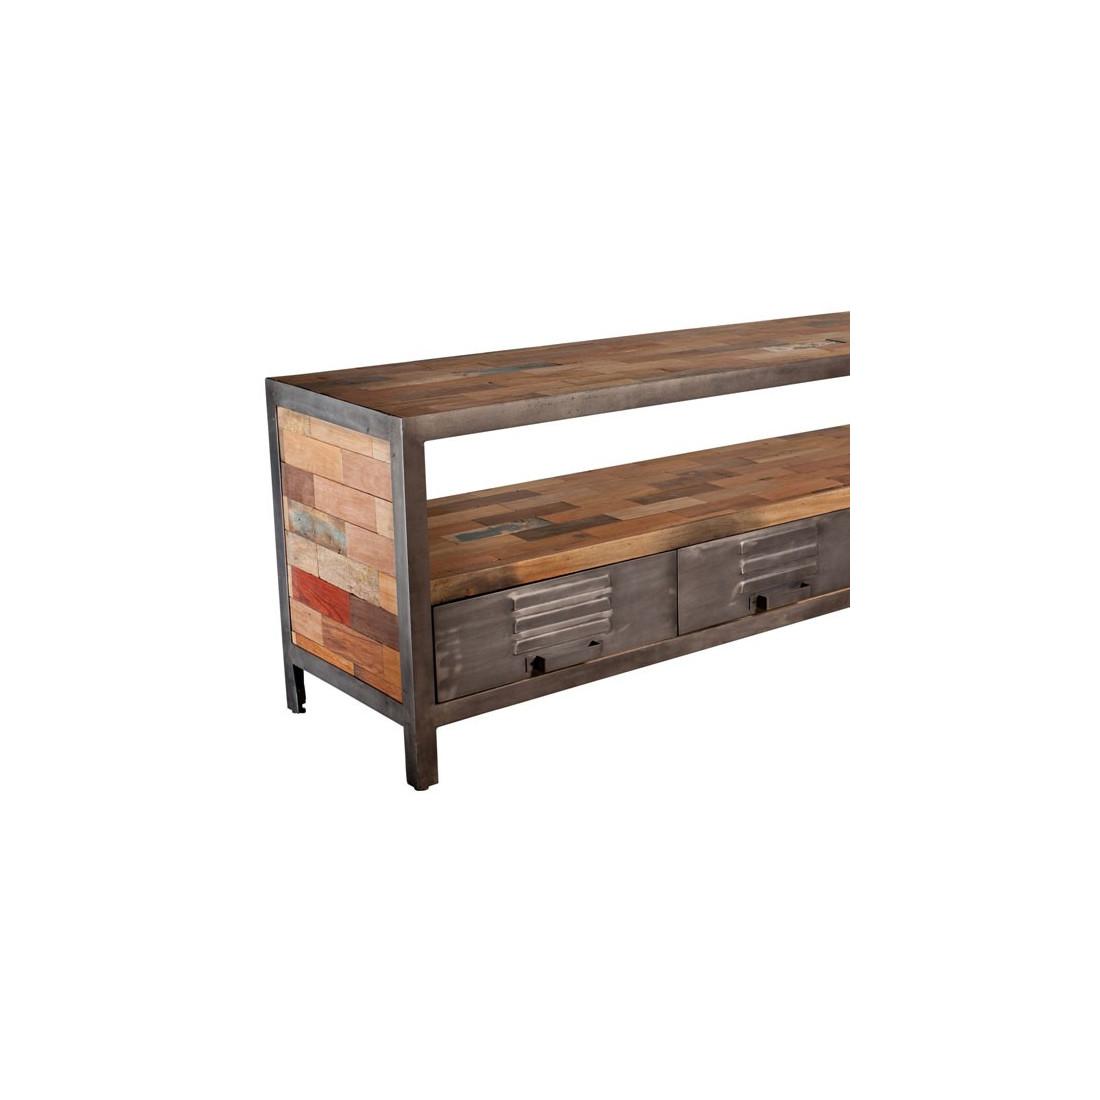 Meuble tv 4 tiroirs 1 niche industriel bois fer fabrik for Meuble 4 tiroirs